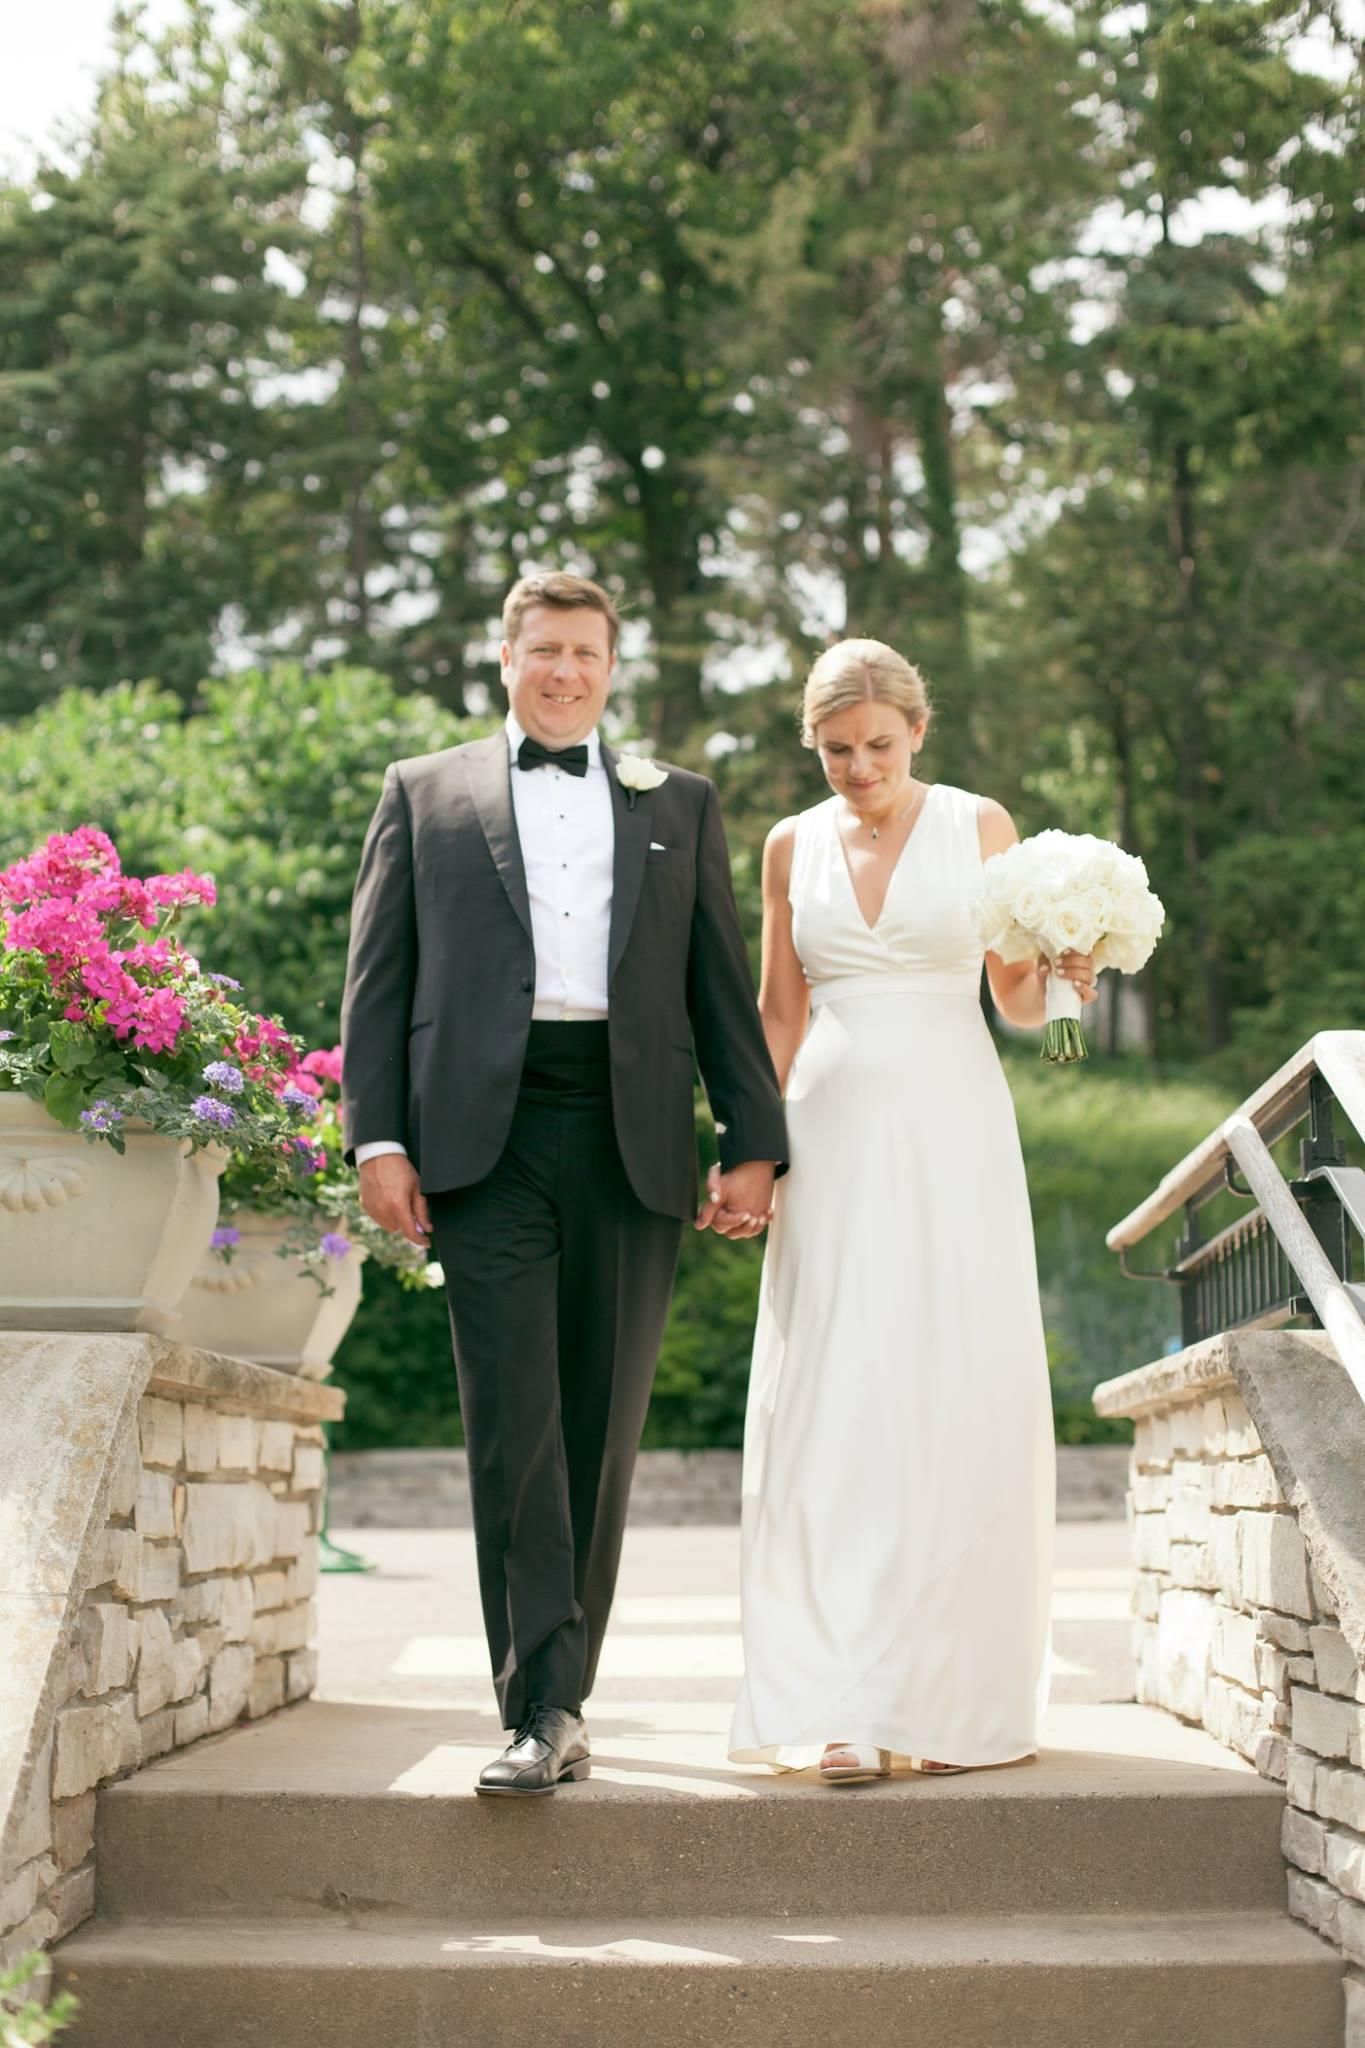 woodhill-country-club-wedding-24.jpg